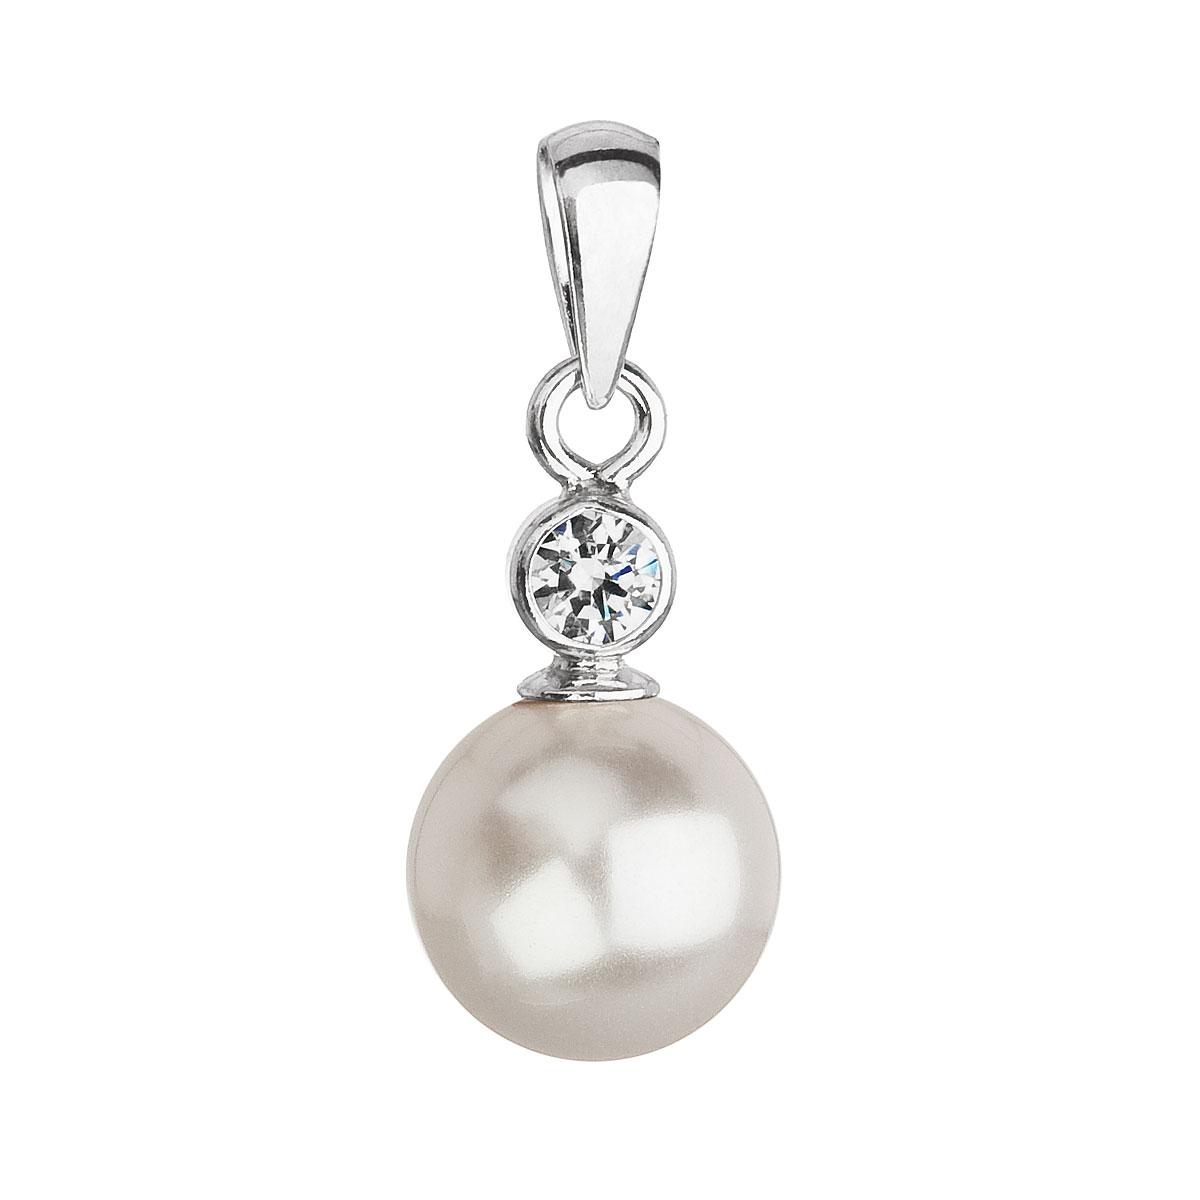 Evolution Group Stříbrný přívěsek s krystalem Swarovski a bílou kulatou perlou 34201.1, dárkové balení